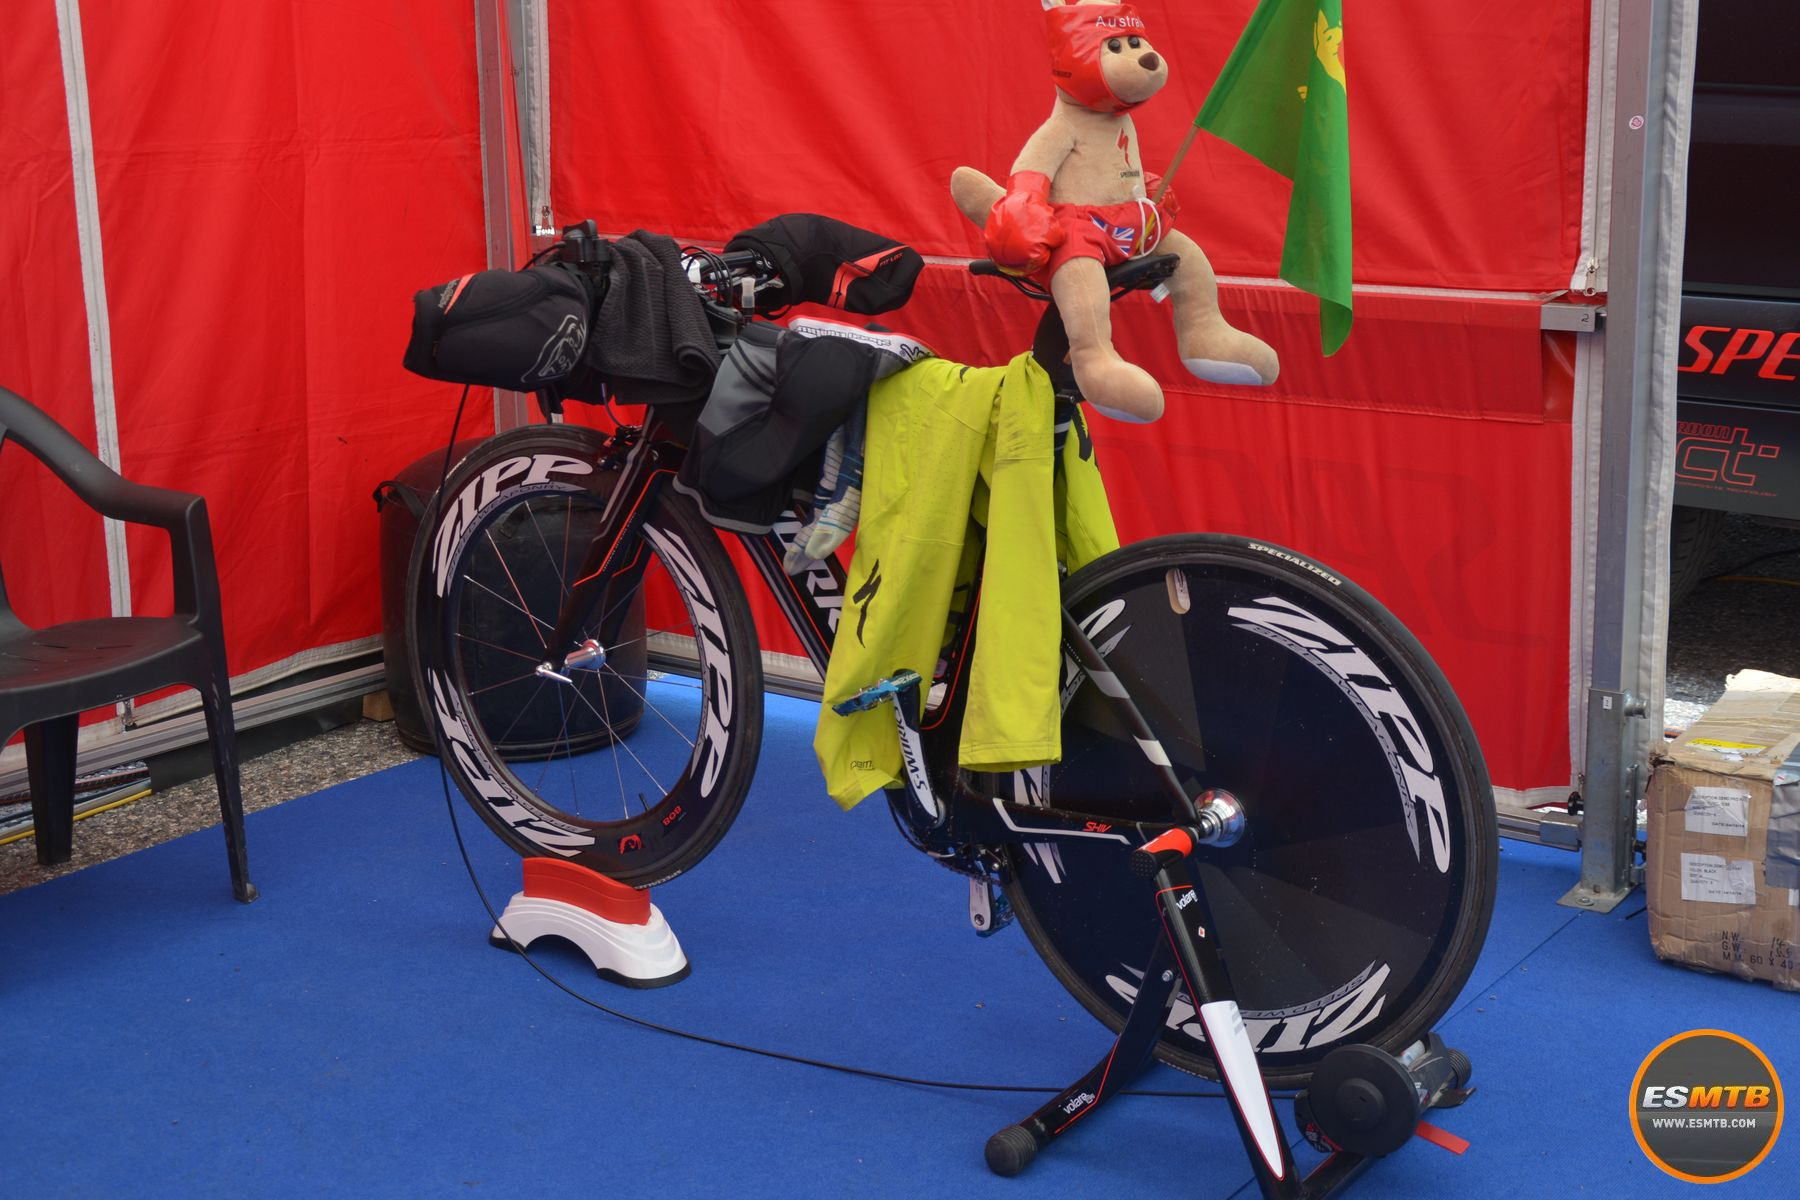 Sí, es la bicicleta para calentar con más clase de todo el paddock. Una bicicleta de triatlon, con lenticular incluída, y con manillar de MTB. Es la que usa Troy Brosnan para ponerse a tono antes de salir.